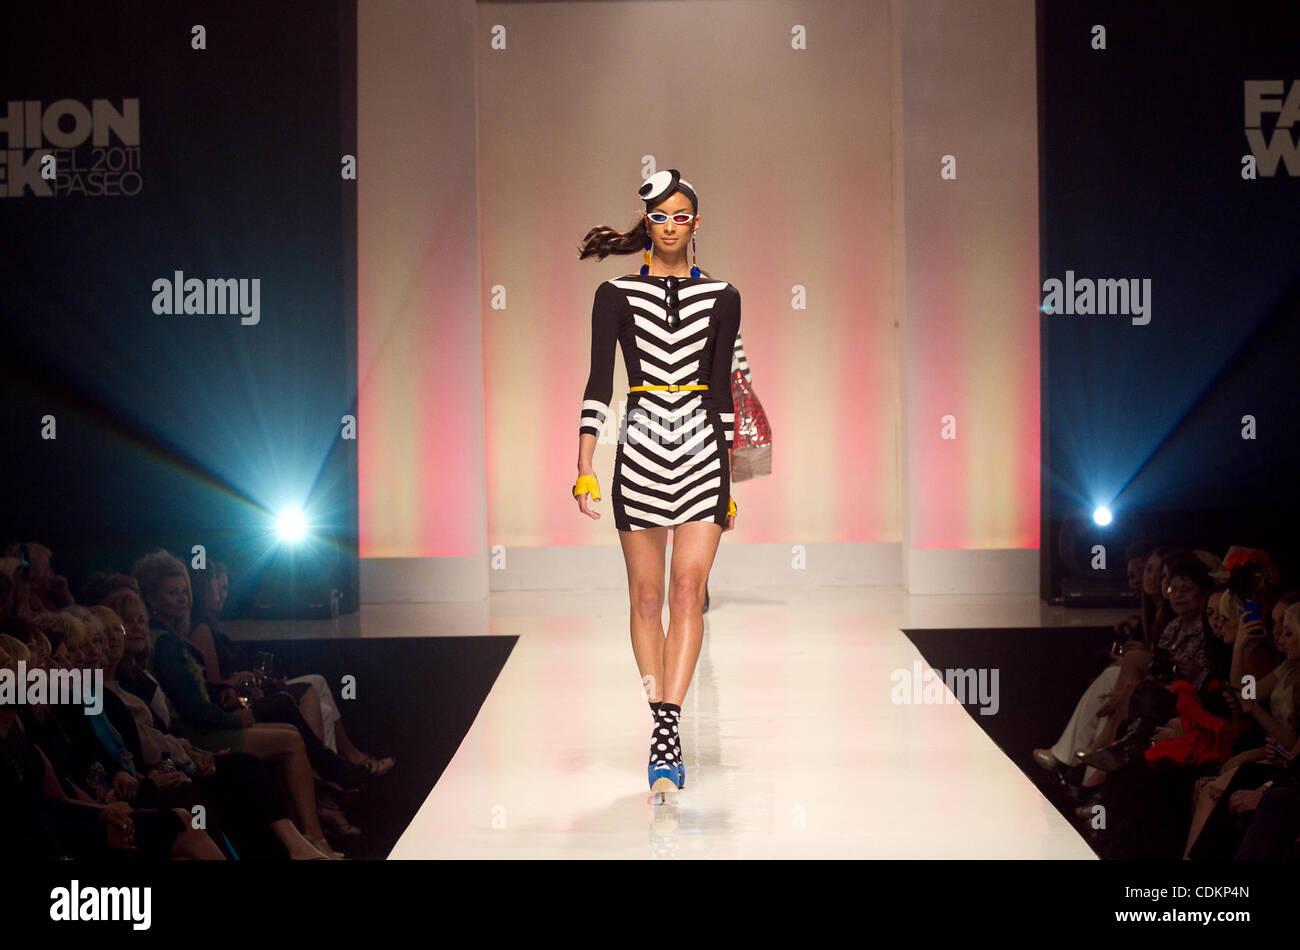 Mar 23 2011 palm desert california u s denver for California fashion designers directory